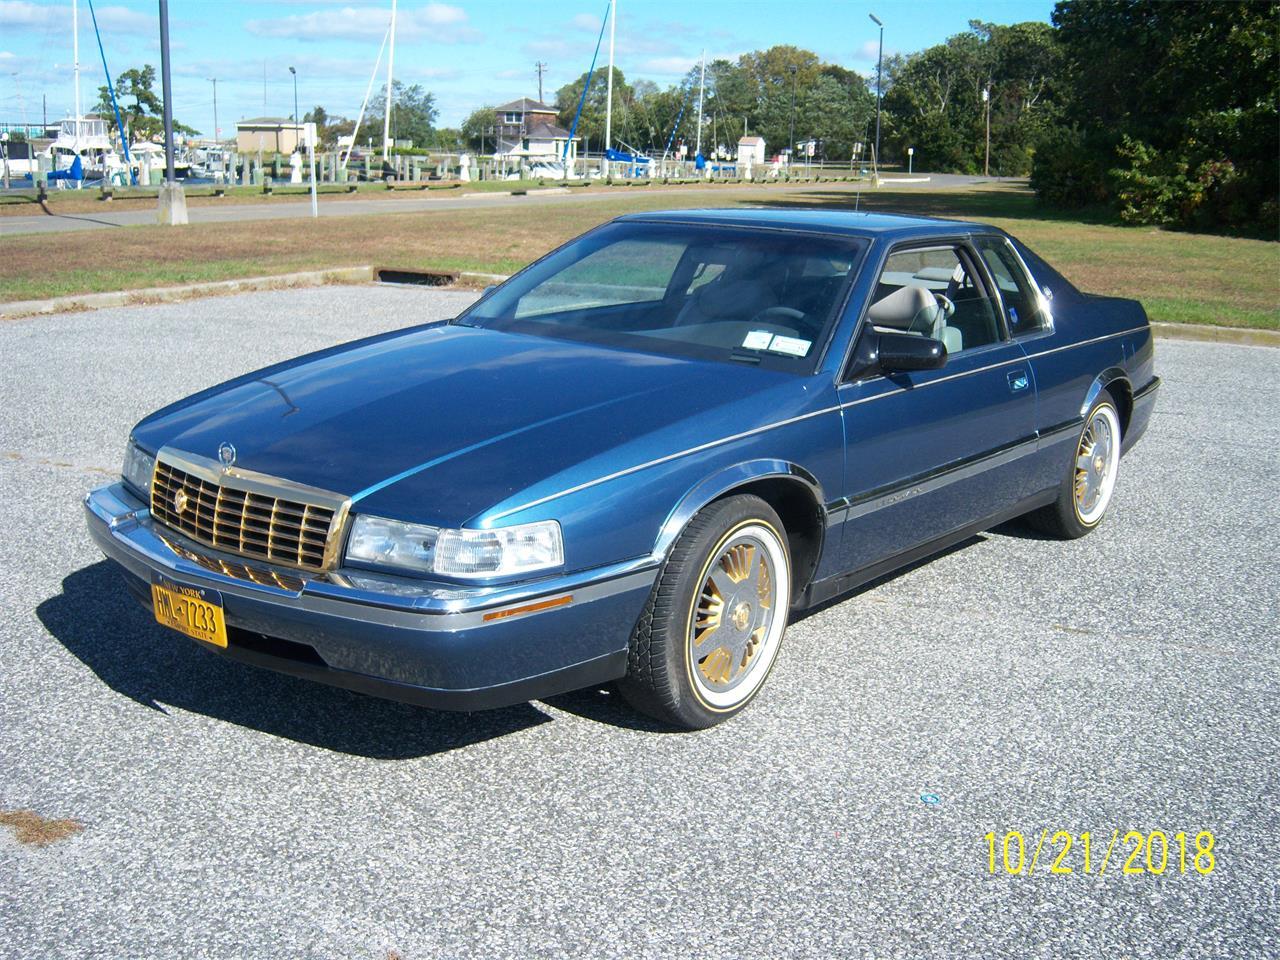 1992 cadillac eldorado for sale classiccars com cc 1164496 1992 cadillac eldorado for sale